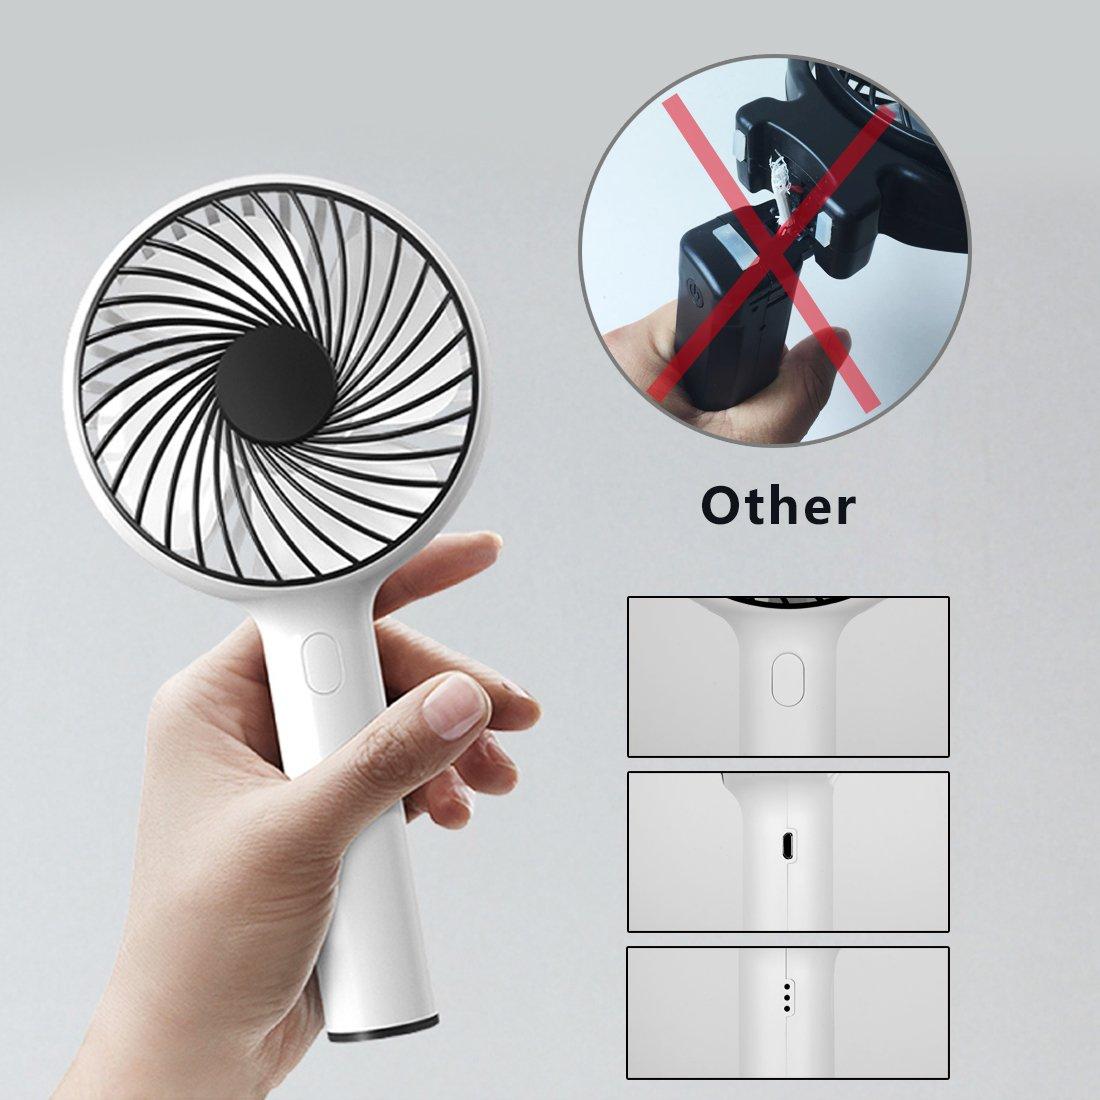 YKMY Mini Ventilador portátil de Mano con batería, Ventilador de refrigeración eléctrico, Ventilador Personal para el hogar, Oficina, Viajes al Aire Libre